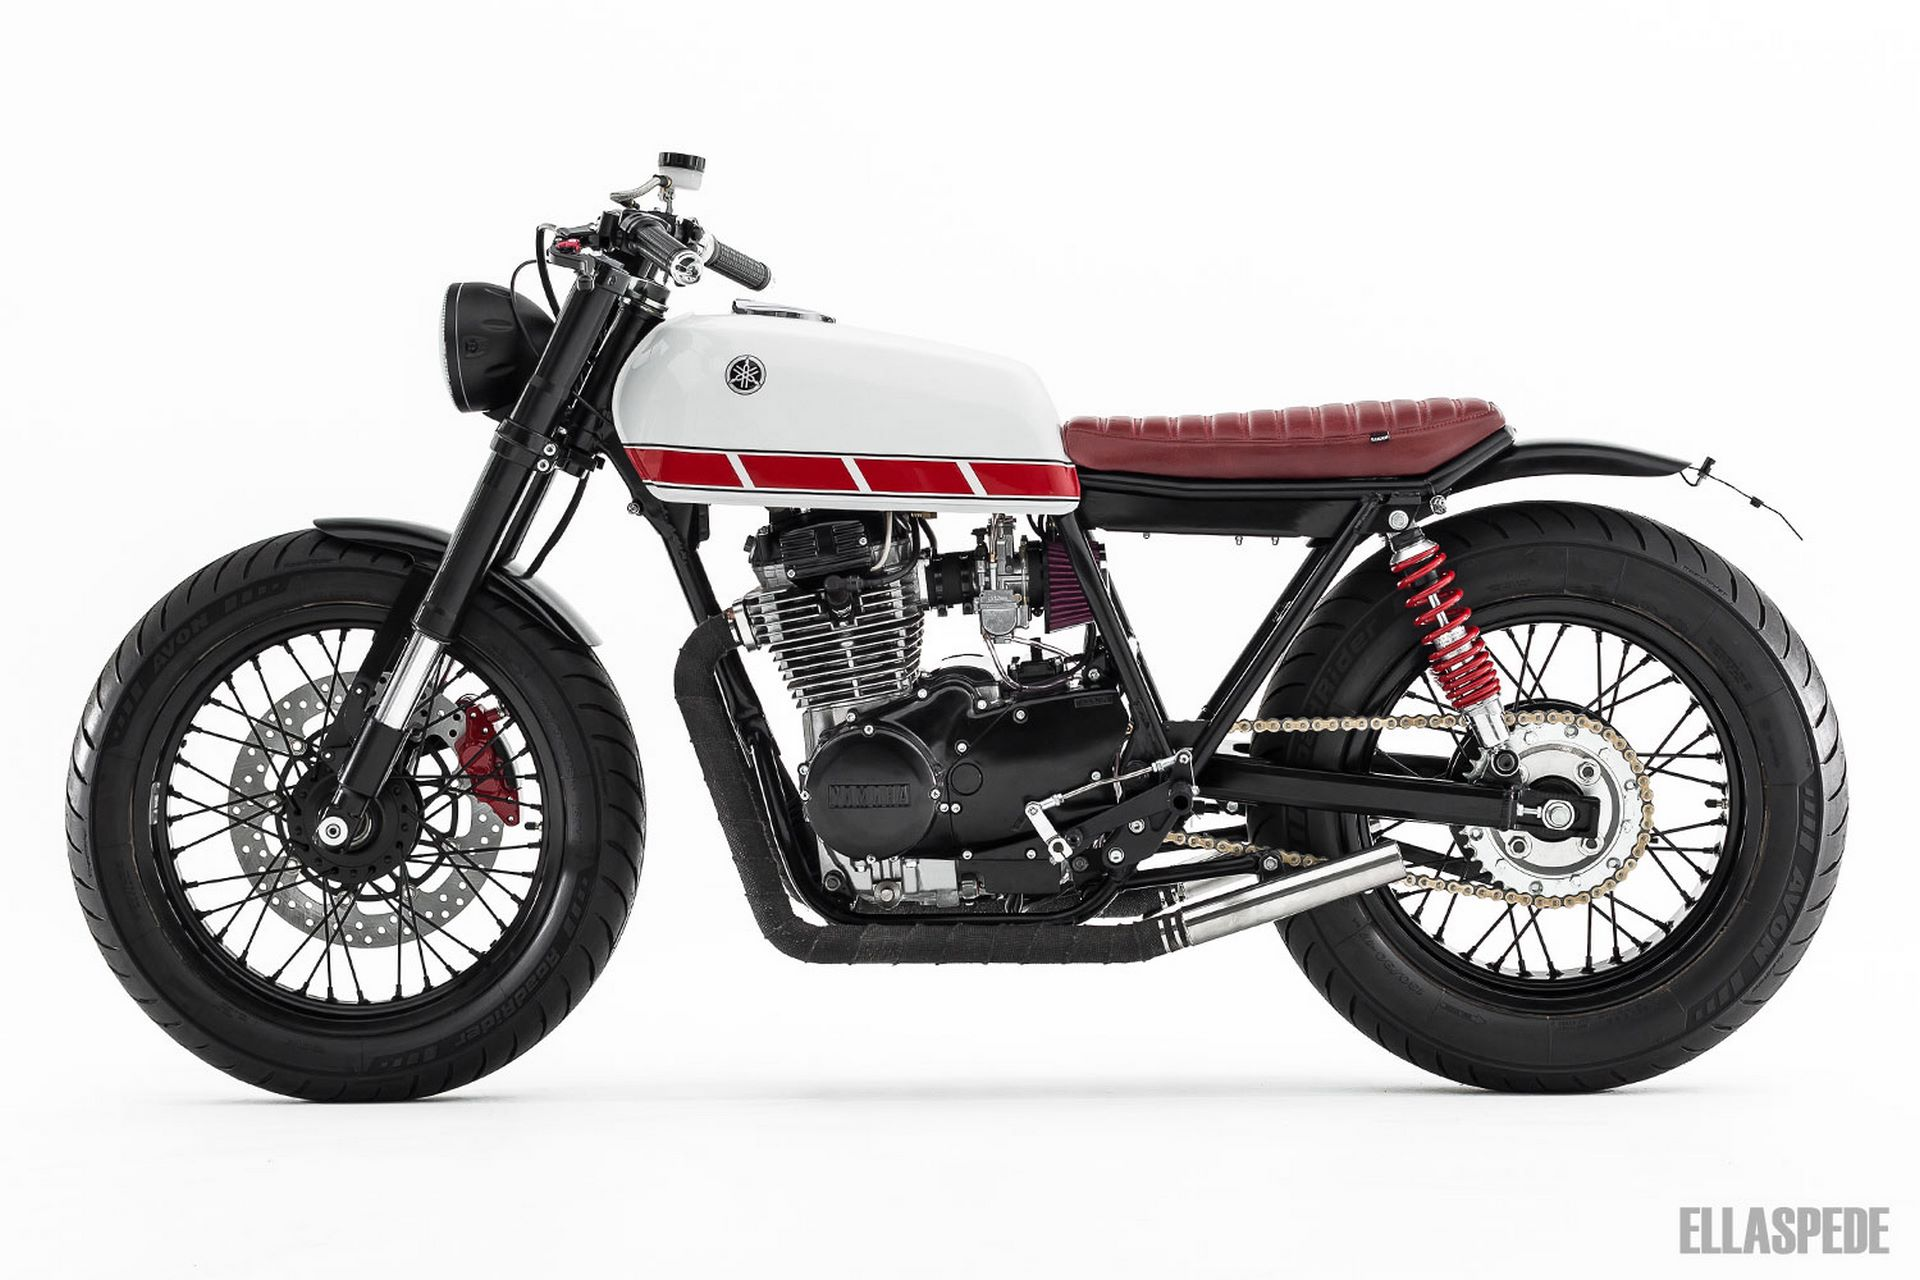 Yamaha Xsj Parts